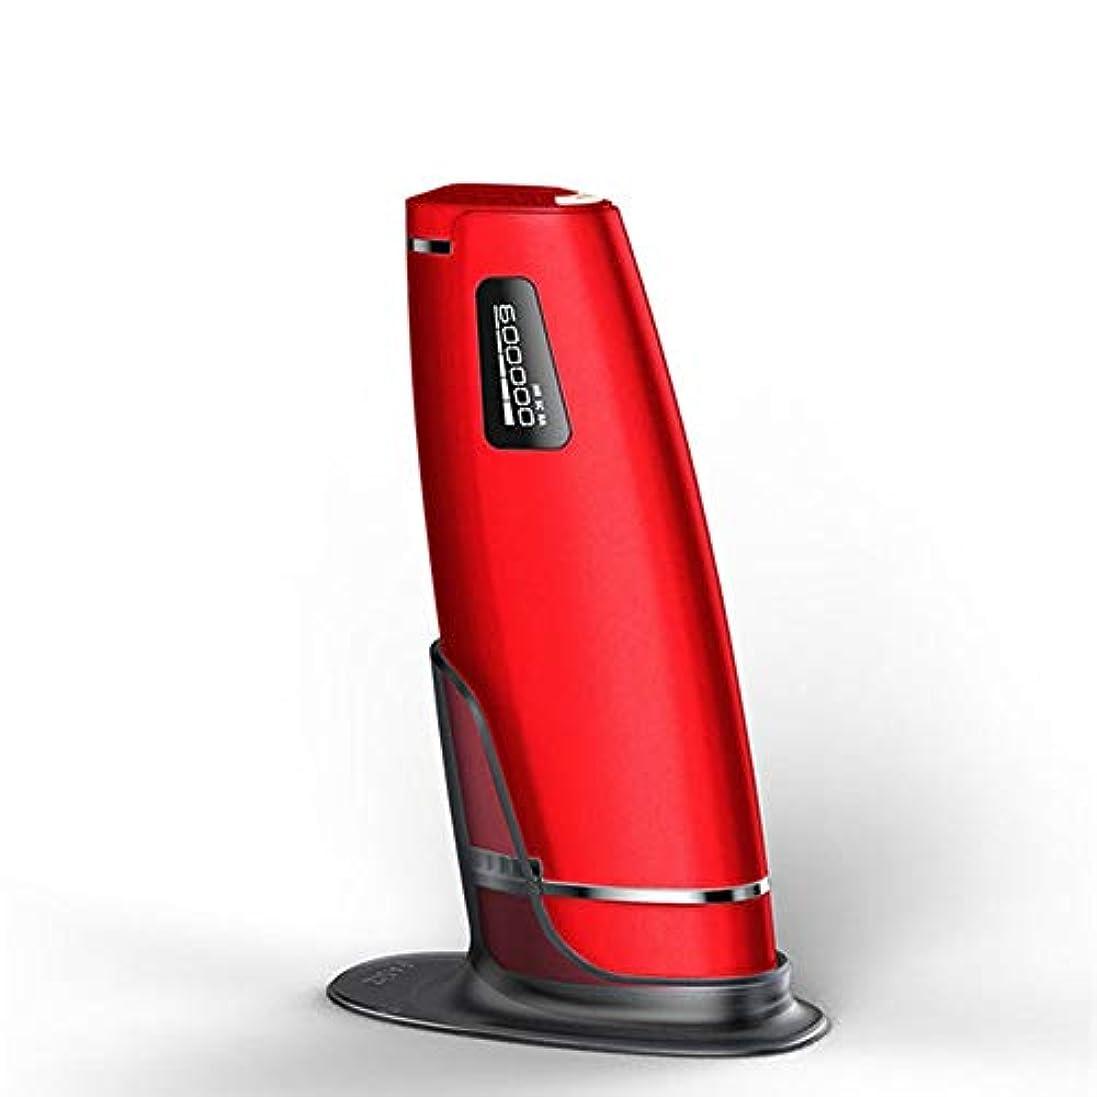 結核上記の頭と肩小間赤、デュアルモード、ホームオートマチック無痛脱毛剤、携帯用永久脱毛剤、5スピード調整、サイズ20.5 X 4.5 X 7 Cm 髪以外はきれい (Color : Red)